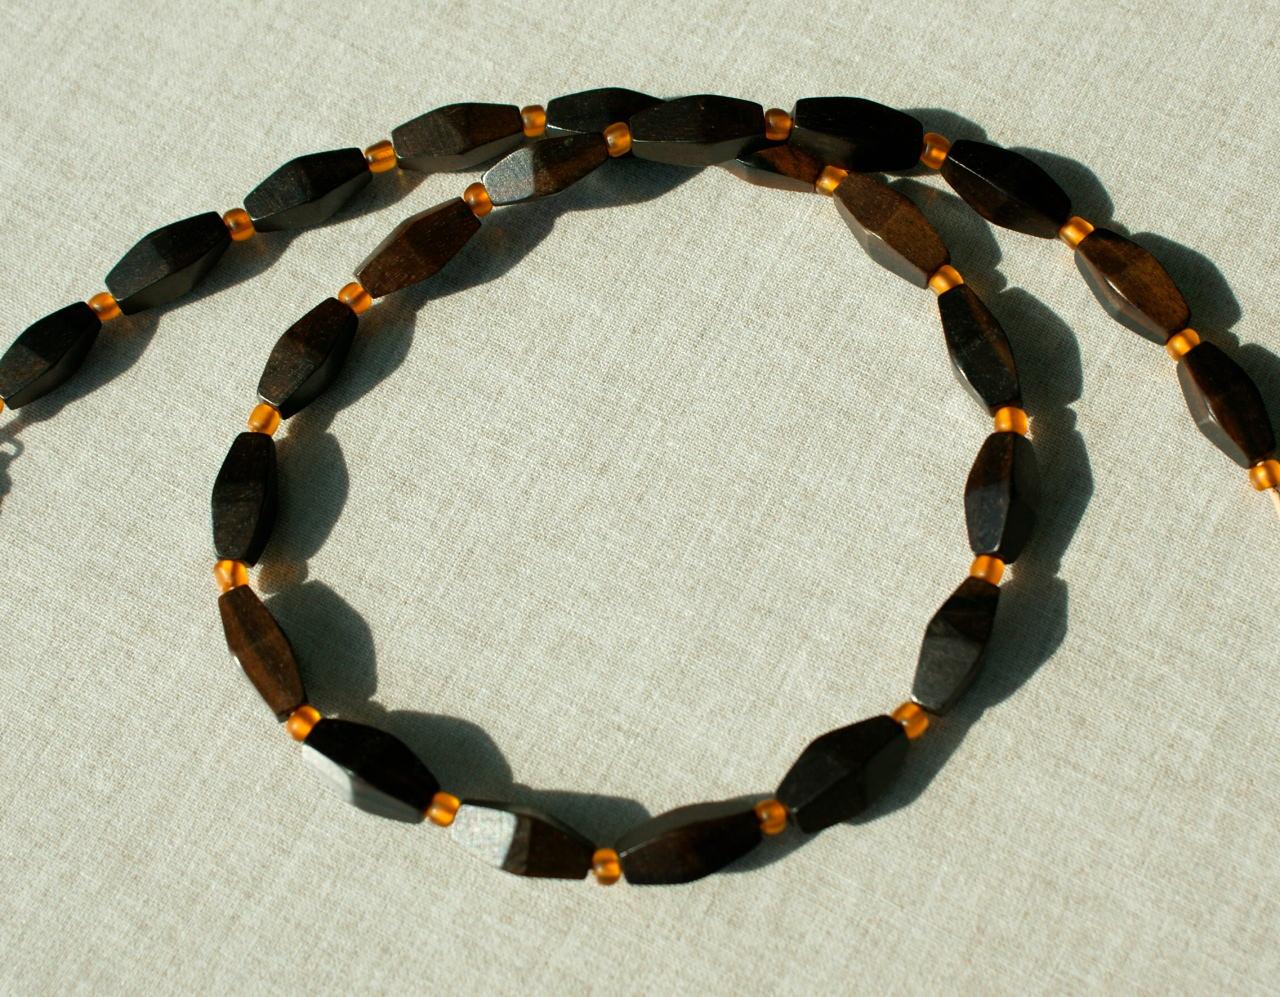 Kleinesbild -  Kette für Männer schwarzes EBENHOLZ, Handelsperlen Lederband Edelstahl orange gelb schlicht elegant edel unisex leicht